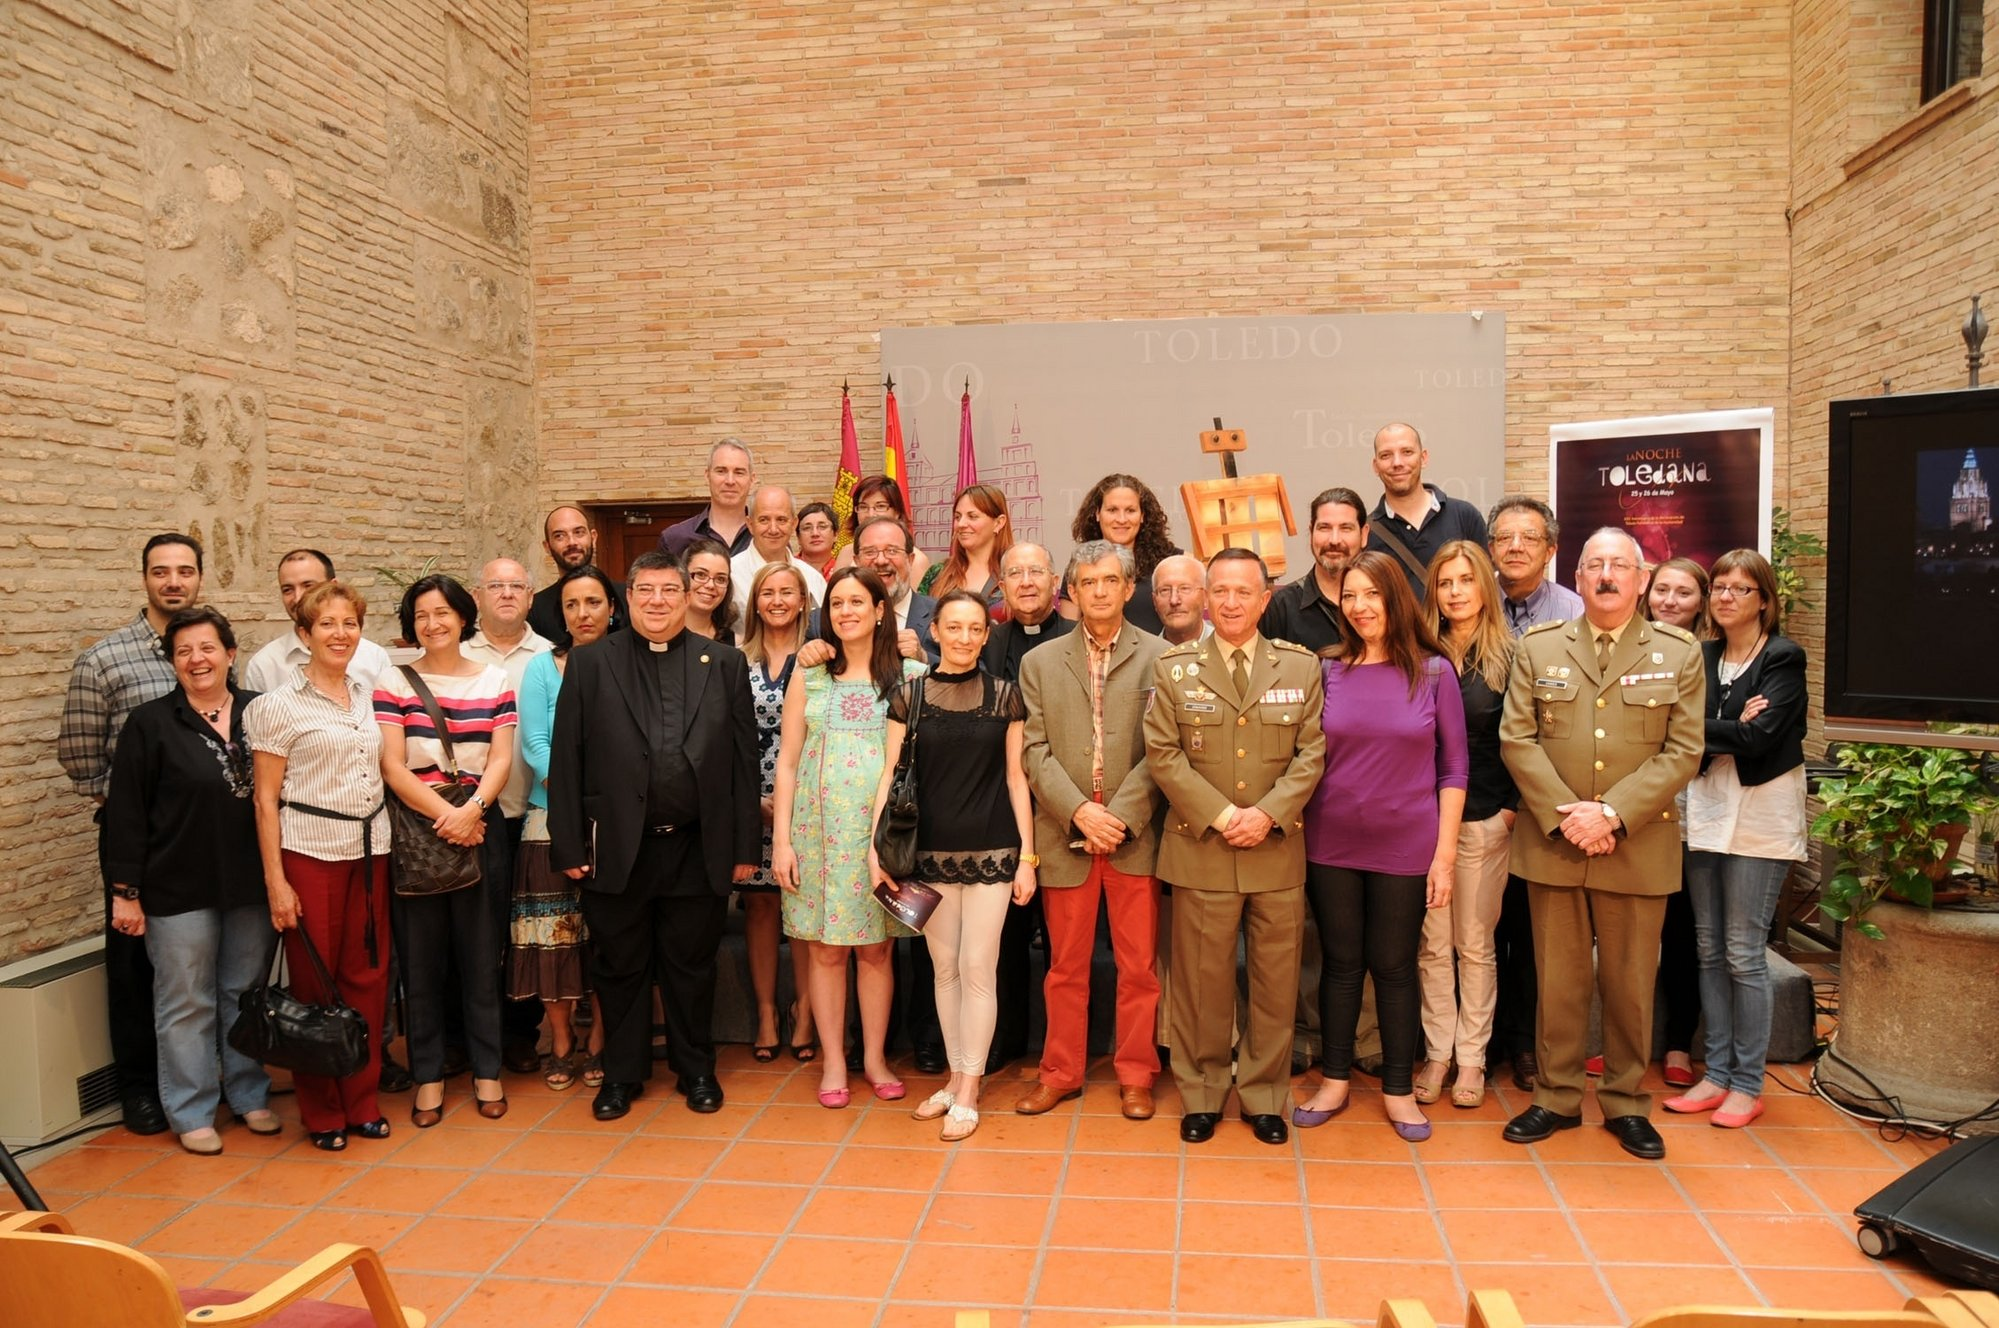 Toledo celebrará el 25 y 26 de mayo su XXV Aniversario de Ciudad Patrimonio con 25 horas de actividades culturales